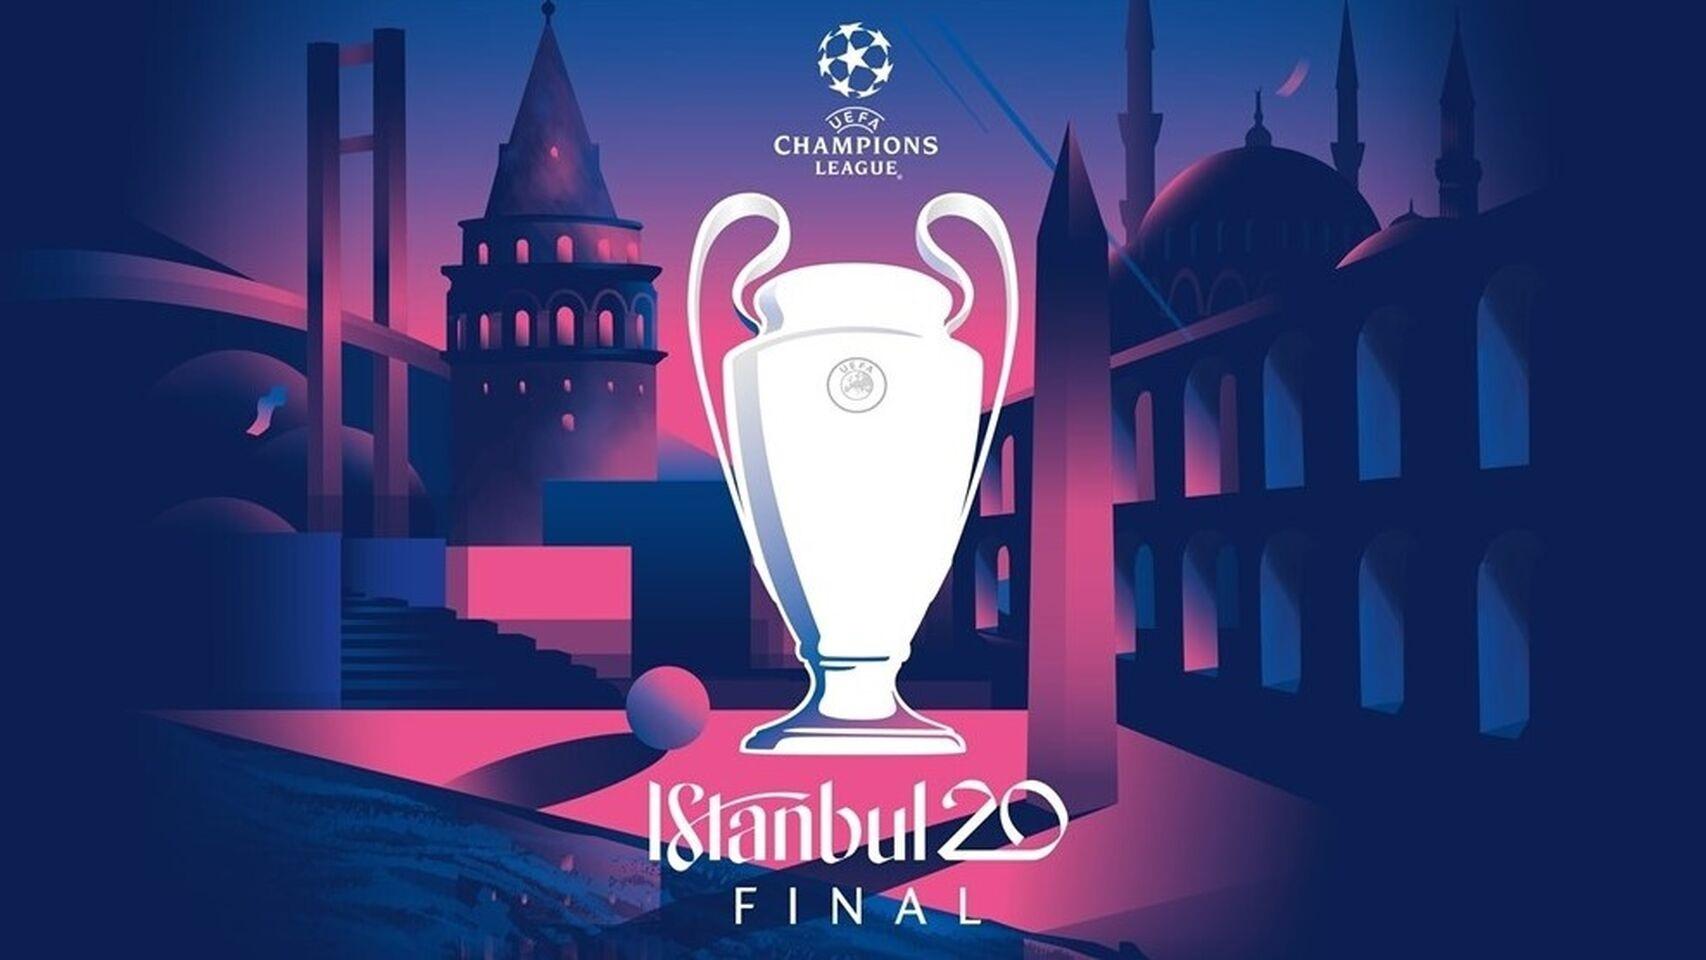 Posible cambio de sede para la final de la Champions League